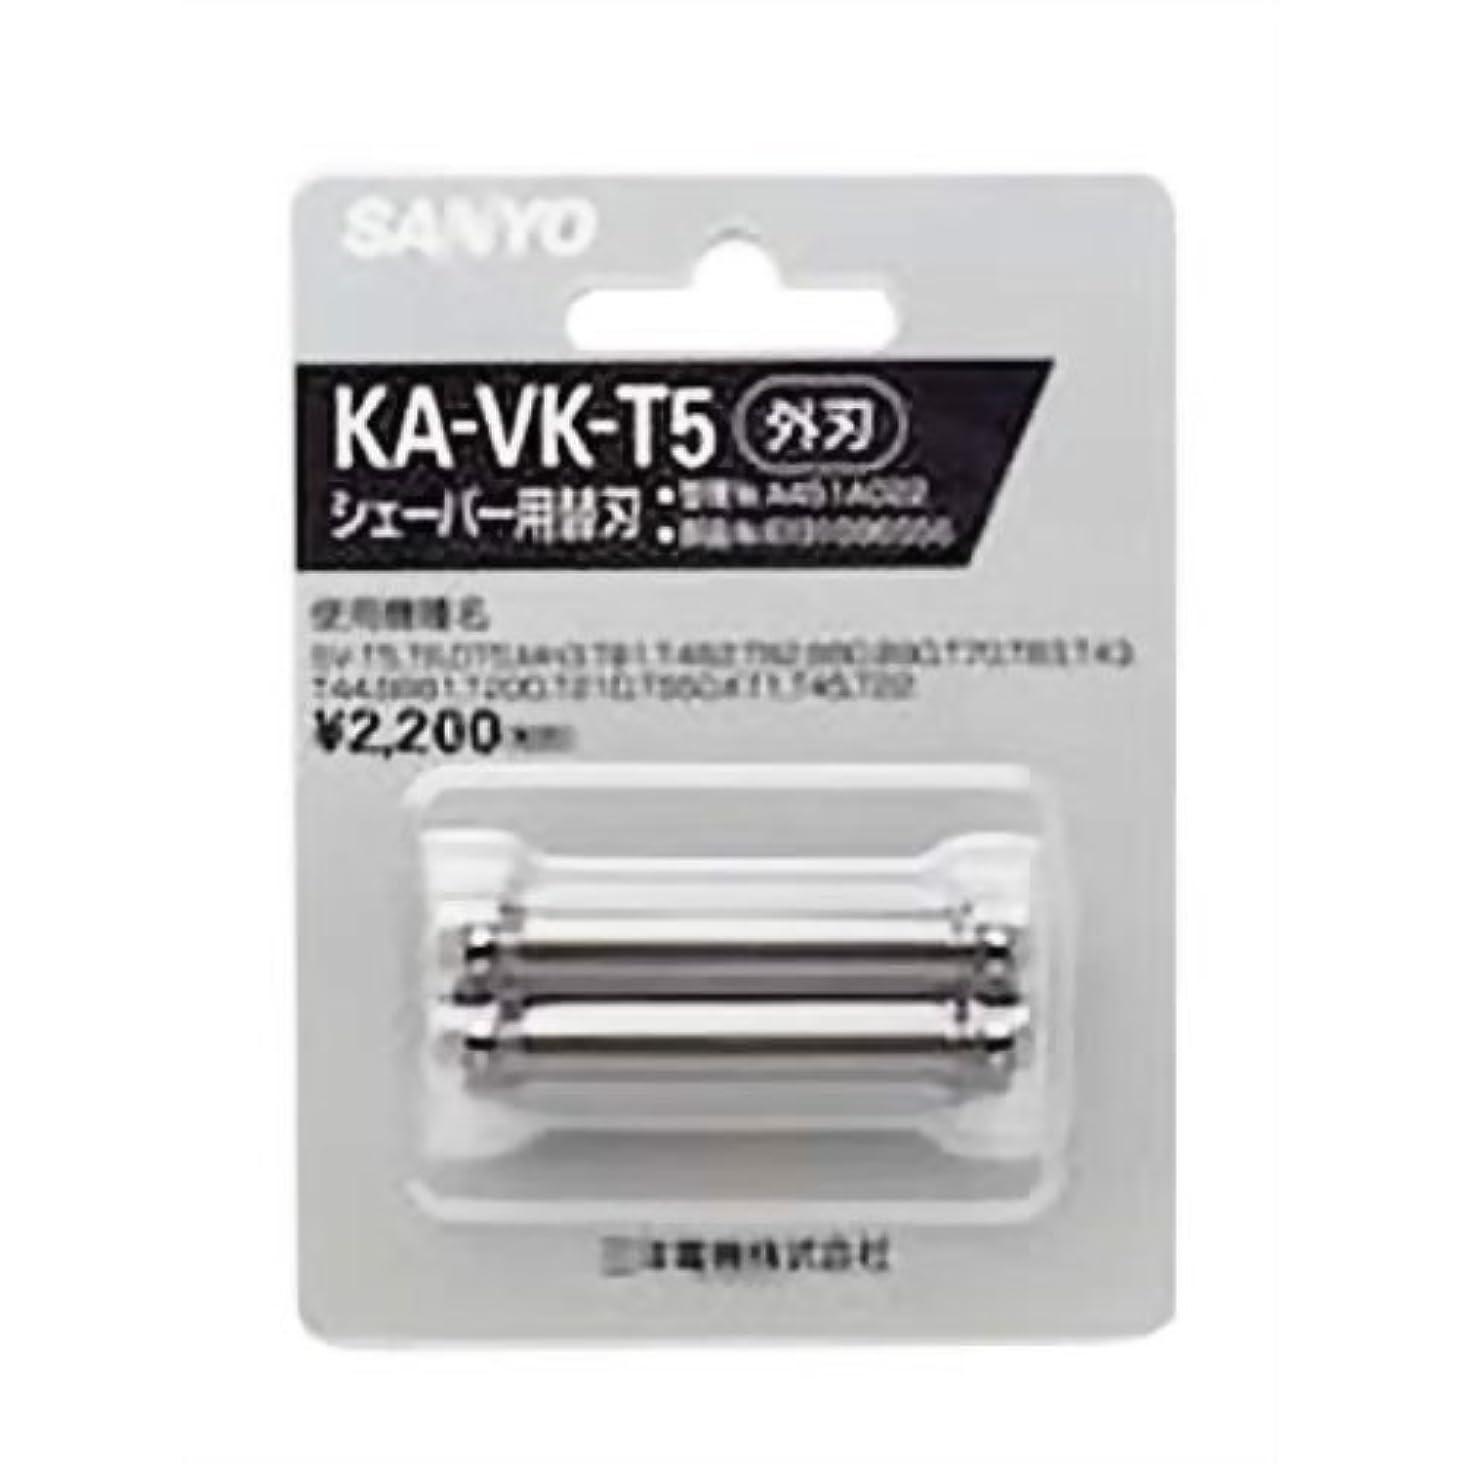 仮説シプリー別れるSANYO メンズシェーバー替刃(外刃) KA-VK-T5